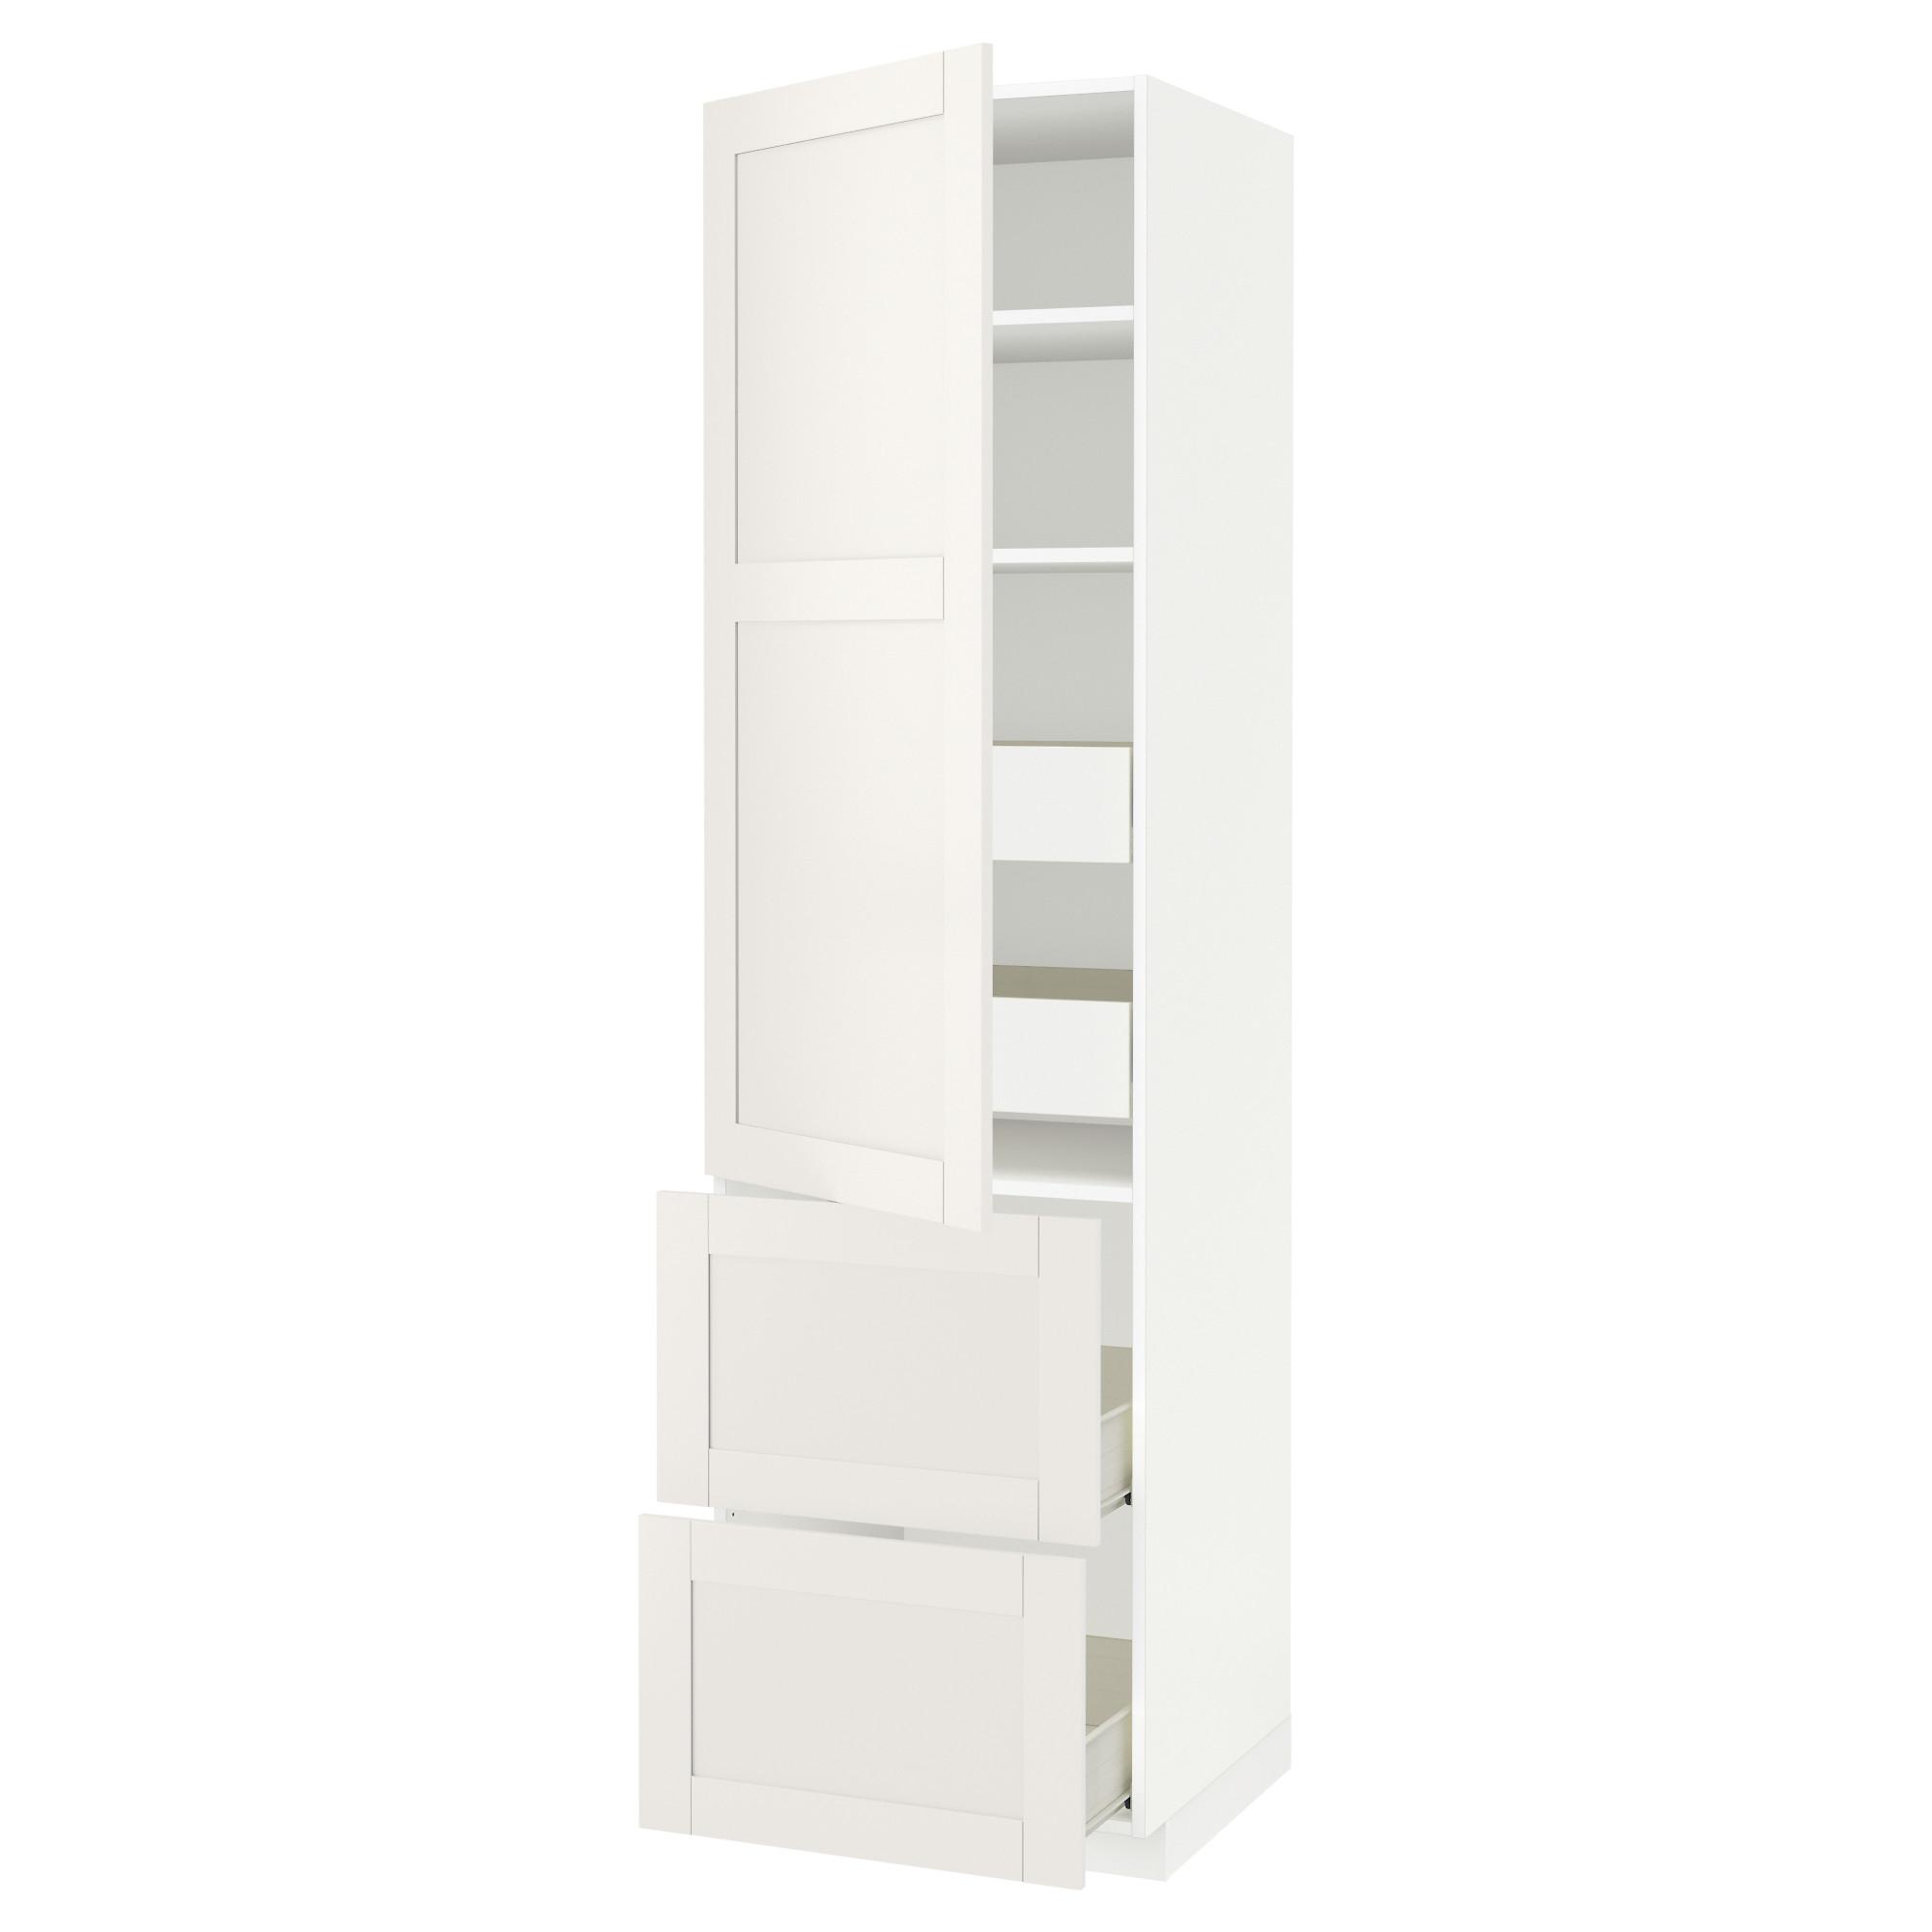 Высокий шкаф + полки, 4 ящика, 2 дверцы МЕТОД / ФОРВАРА белый артикуль № 592.657.67 в наличии. Интернет сайт IKEA Республика Беларусь. Недорогая доставка и установка.